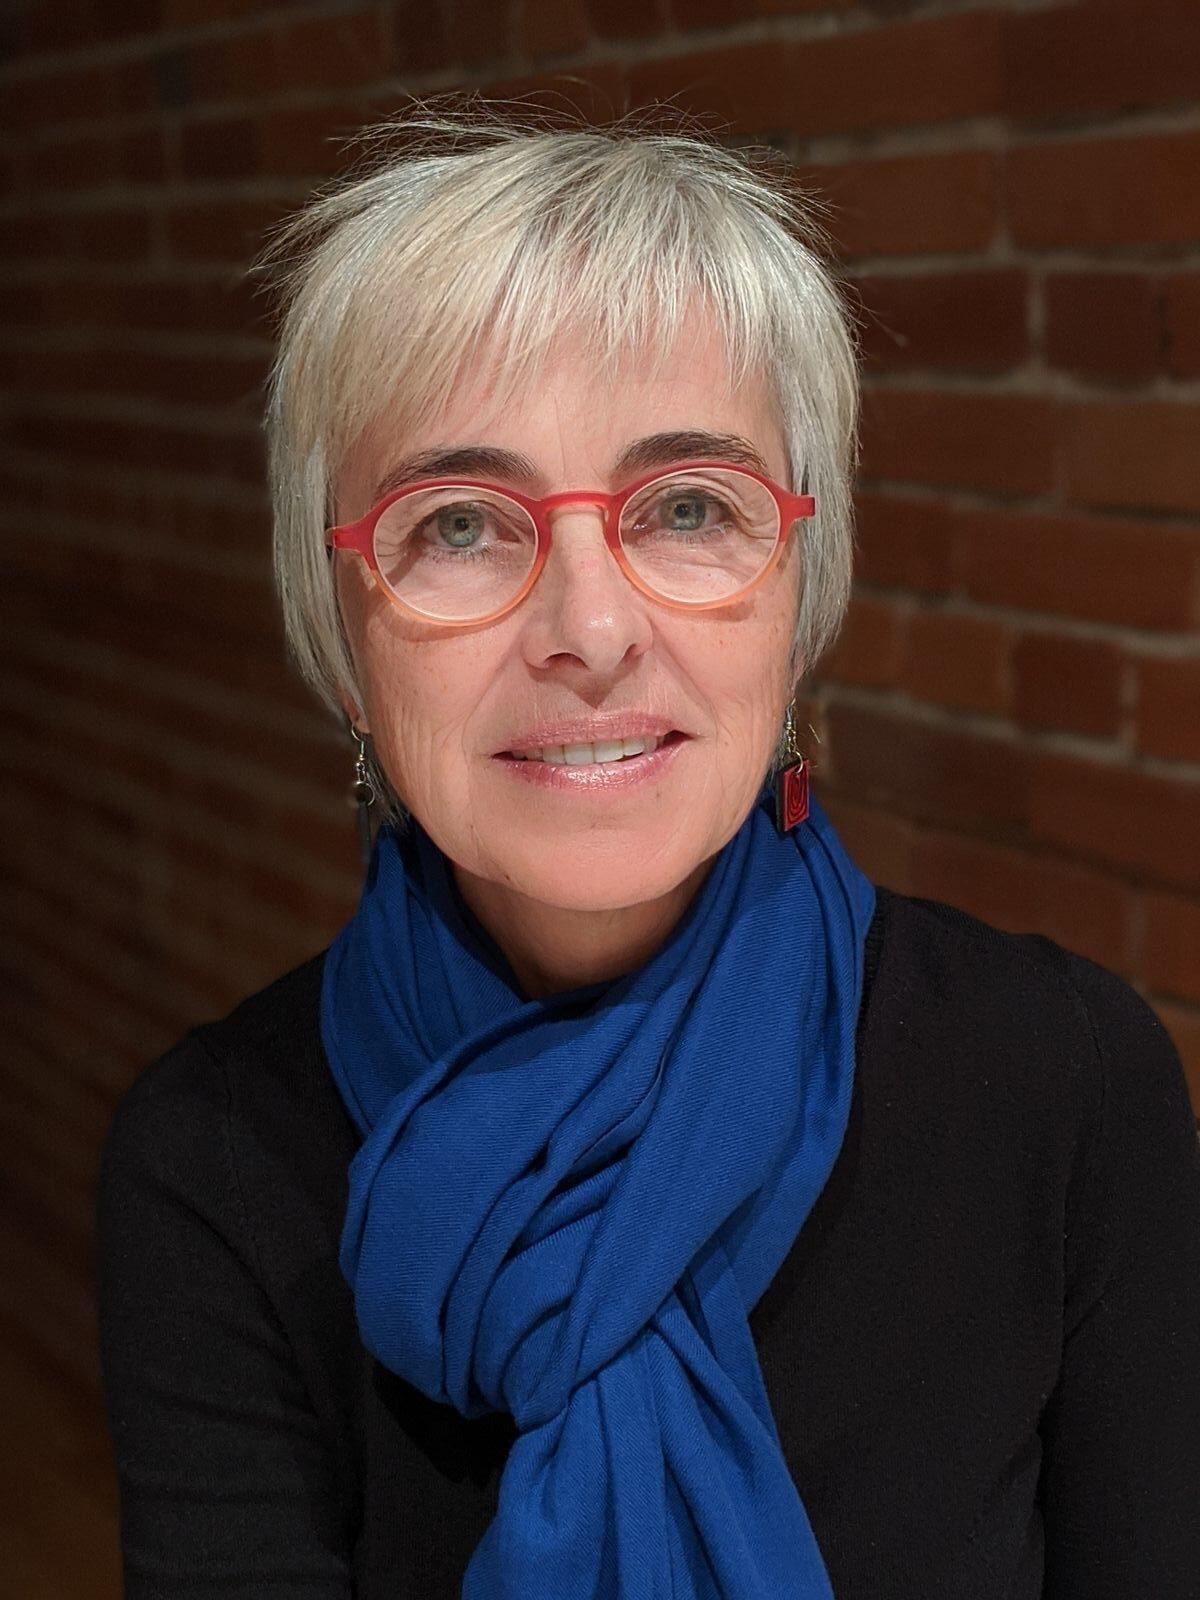 Portrait de Sylvie Fortin, spécialiste de la danse